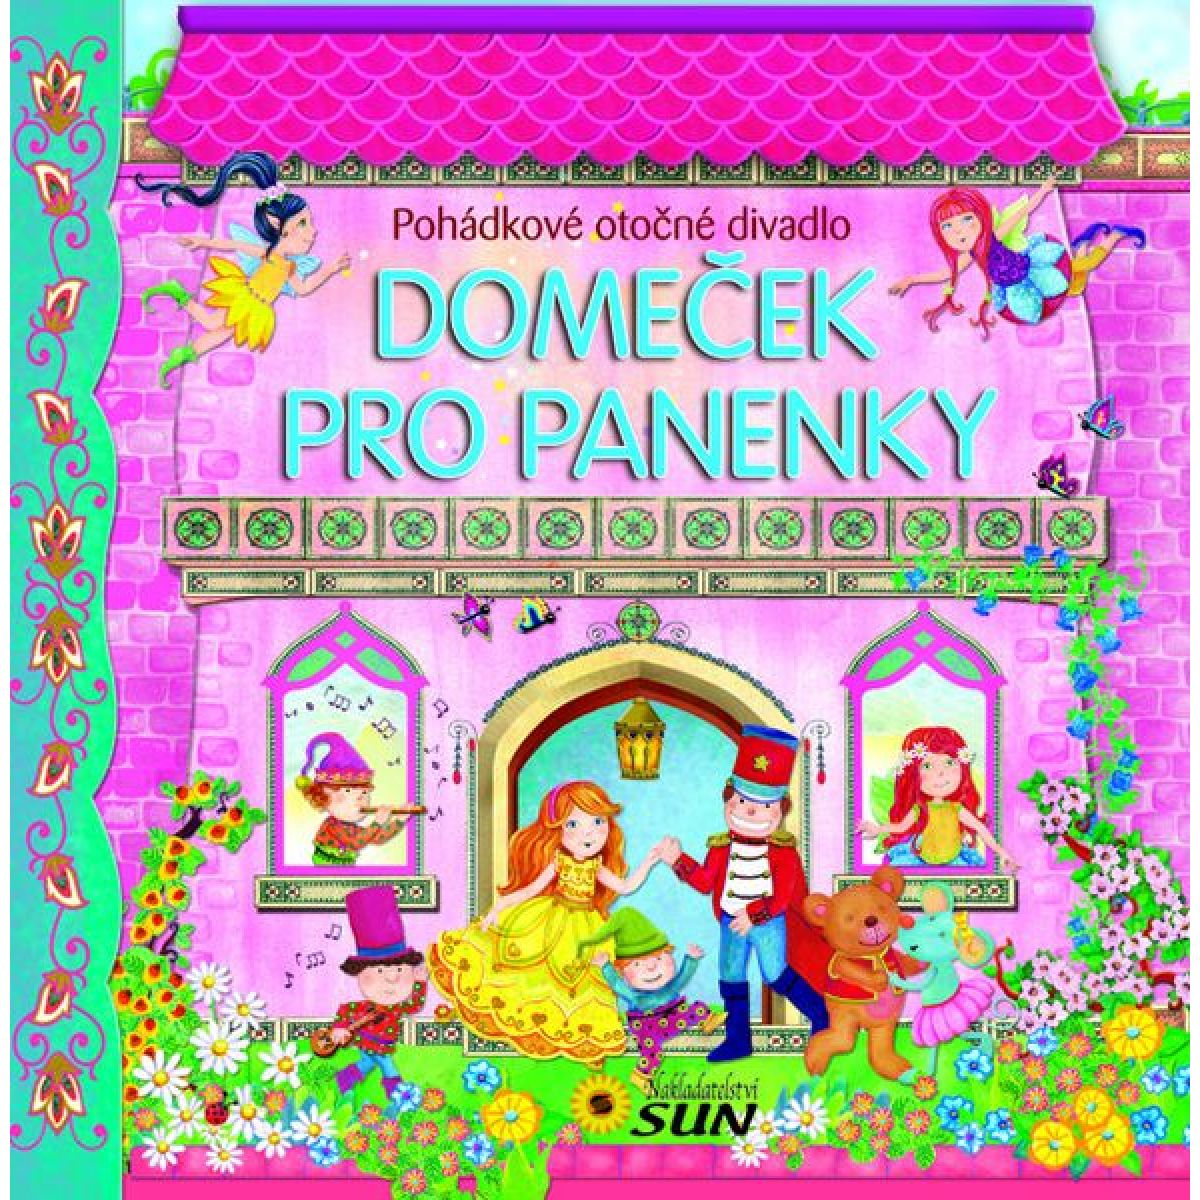 Sun Domeček pro panenky Panoramatické leporelo